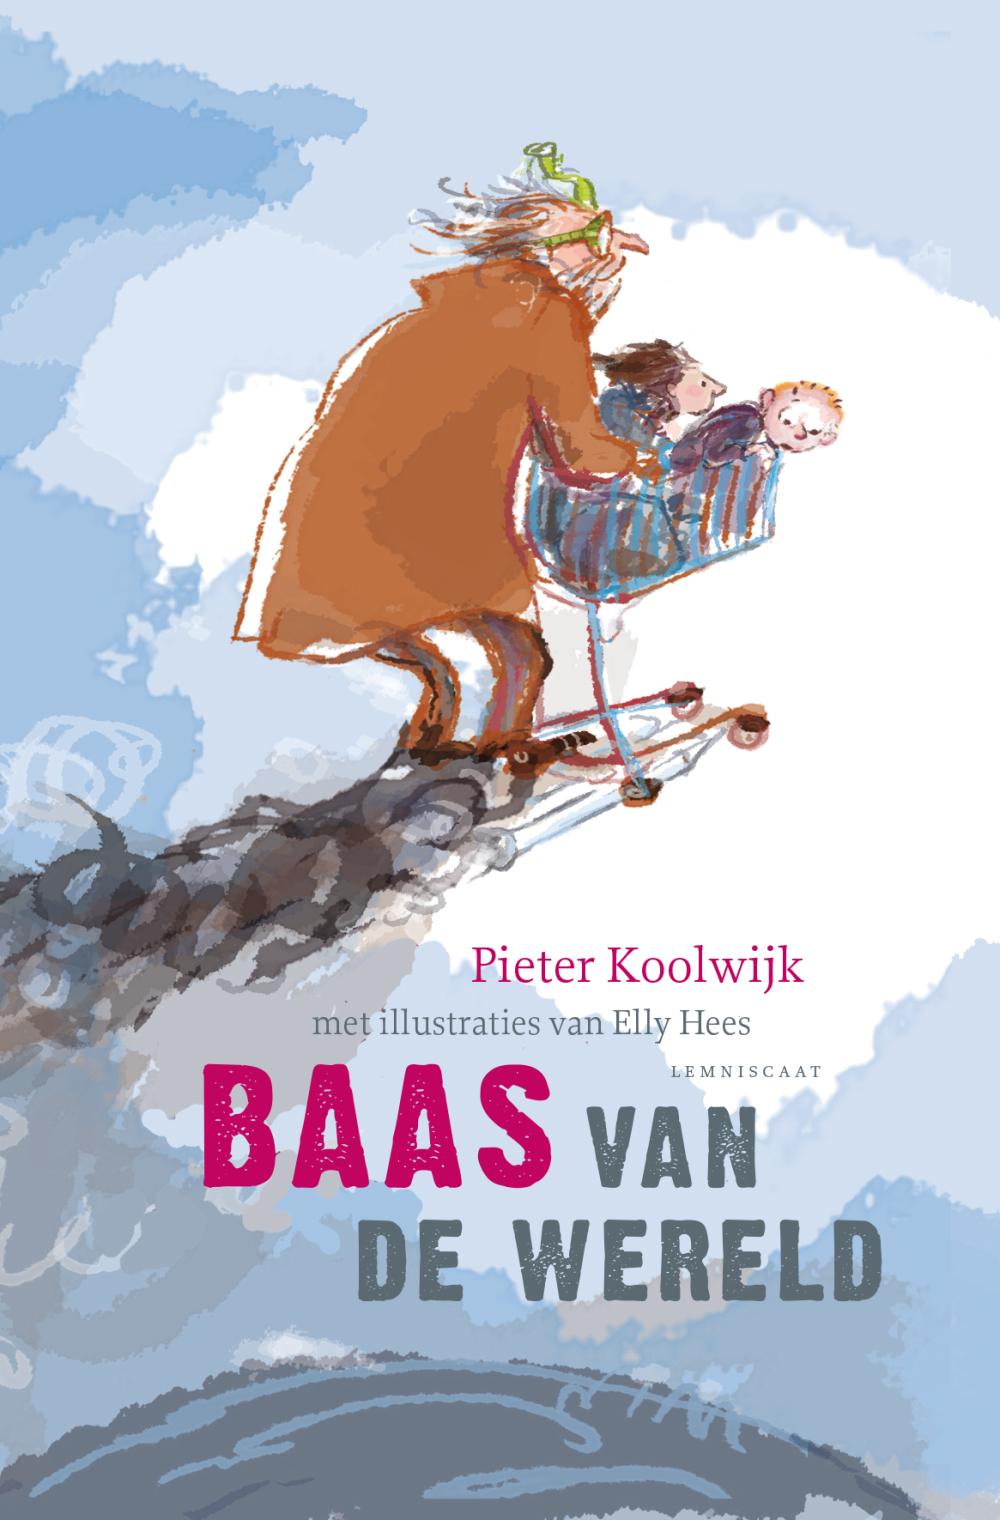 Baas van de wereld - kinderboekenweek 2021